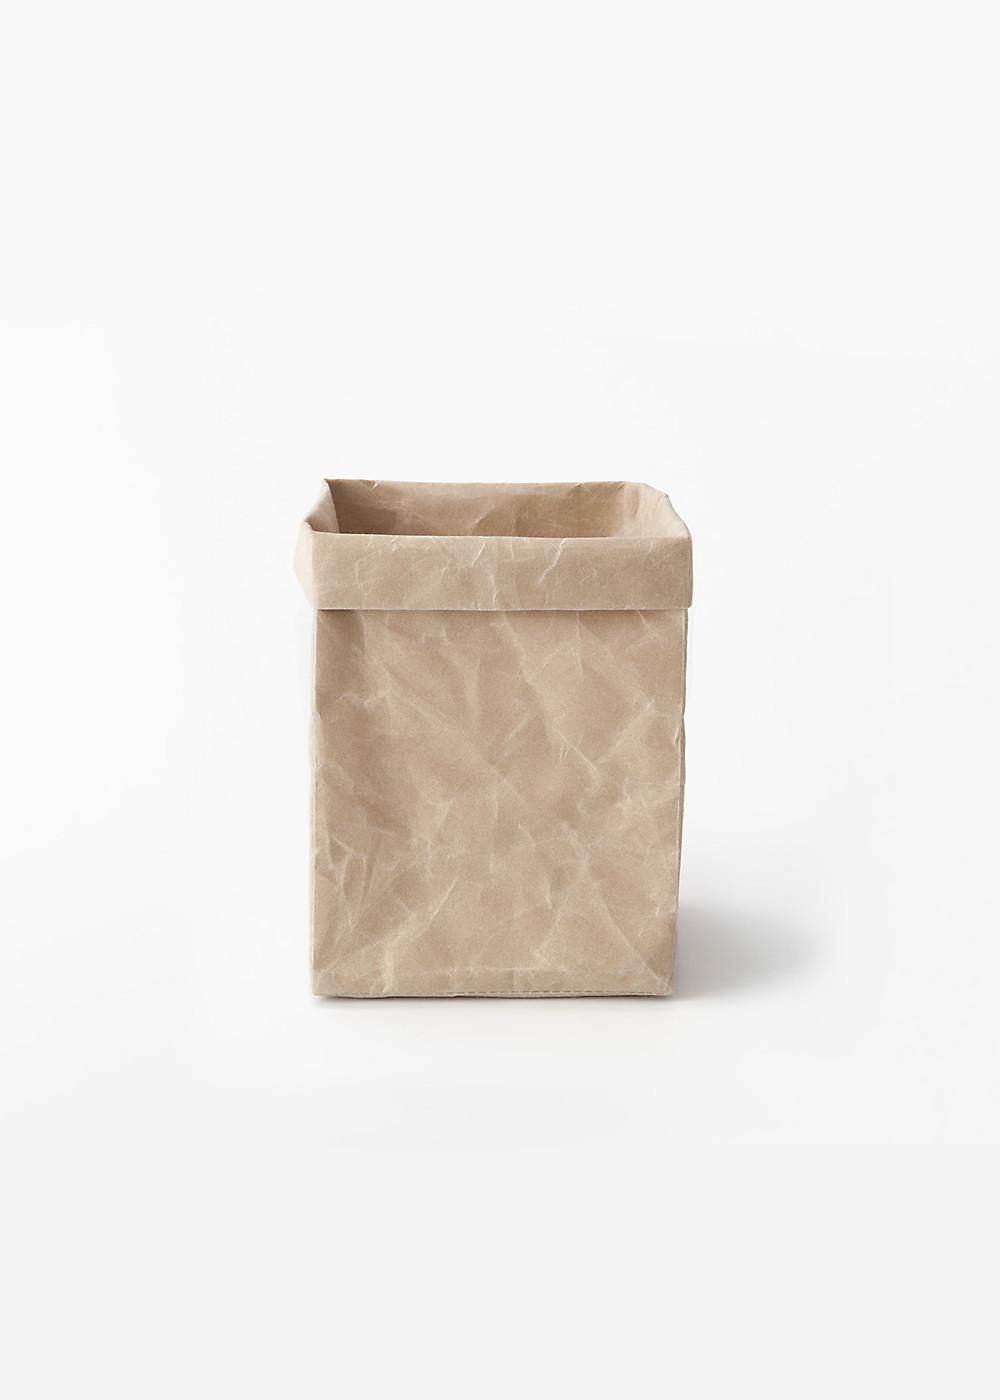 SIWA-boxS1